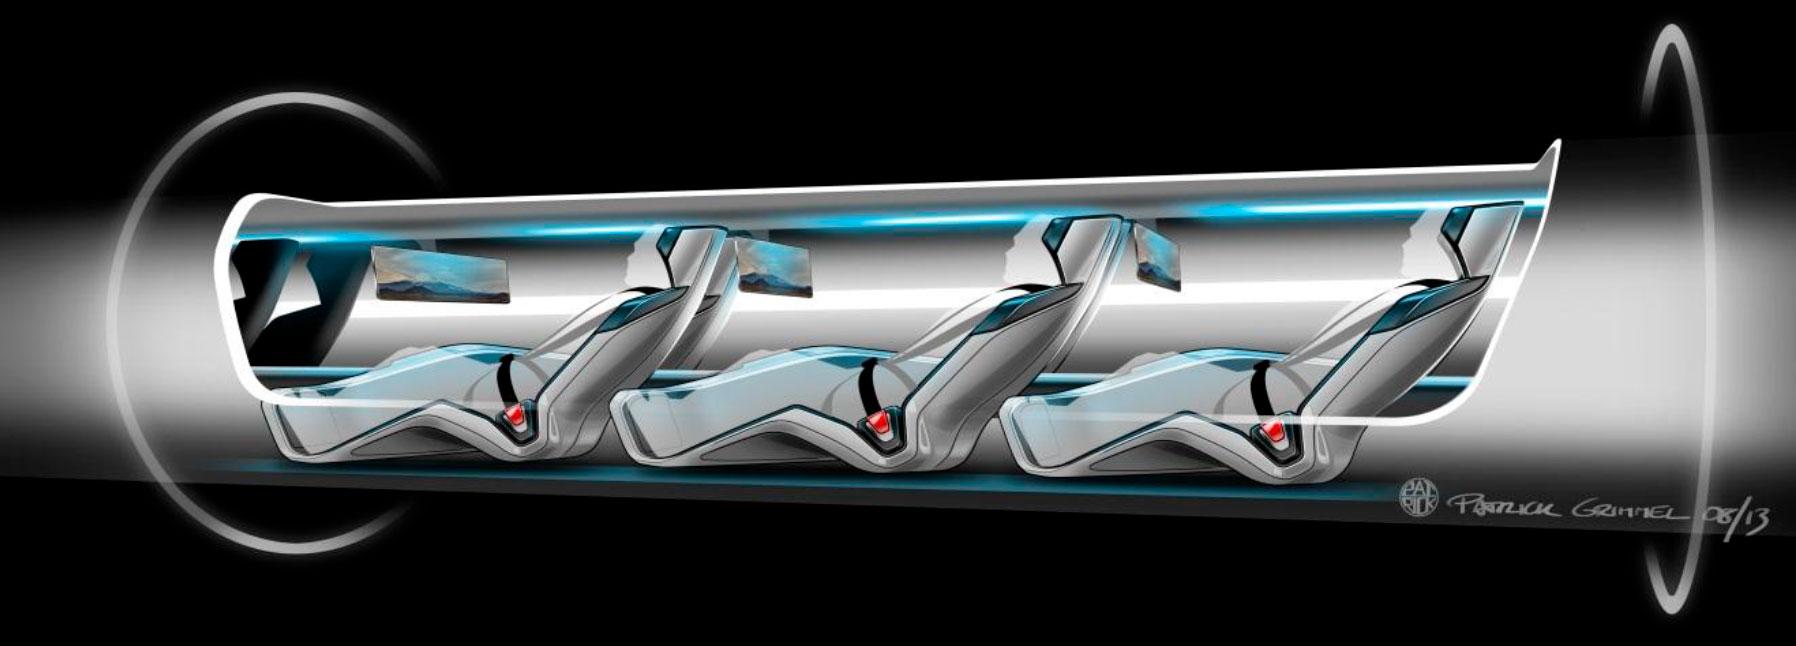 Hyperloop - Crédito: tesla.com